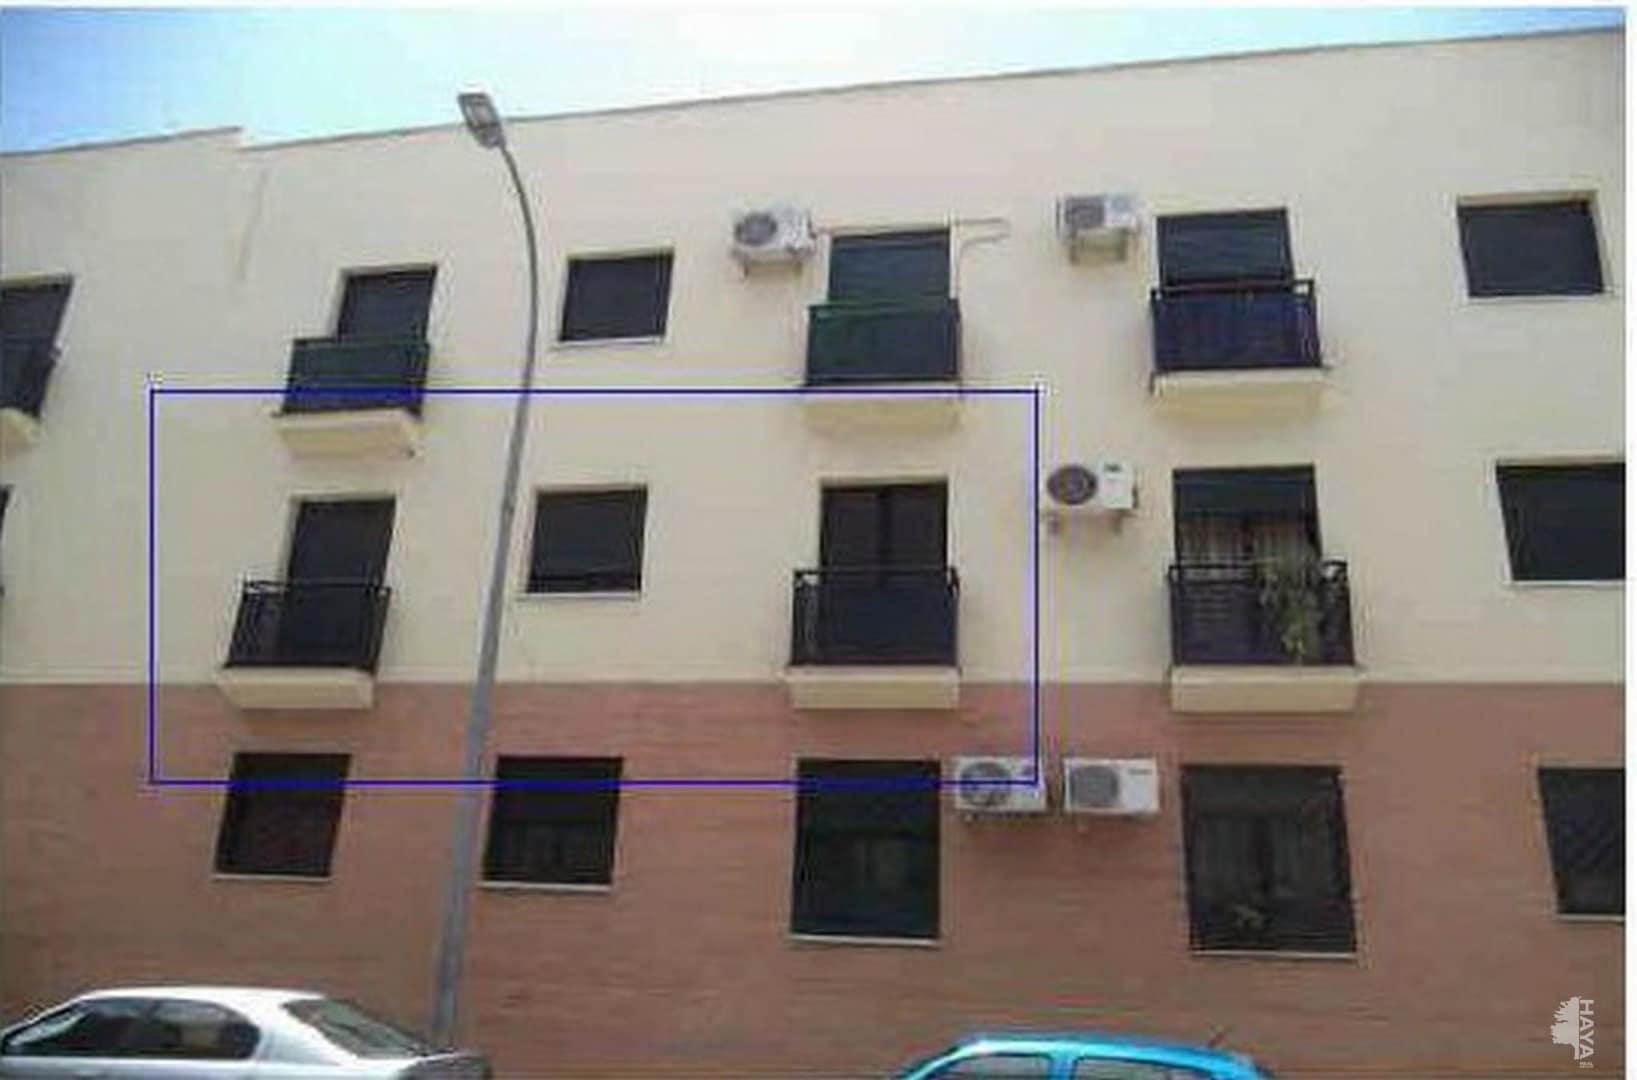 Piso en venta en Écija, Sevilla, Calle Ronda Paz, 51.900 €, 3 habitaciones, 1 baño, 70 m2